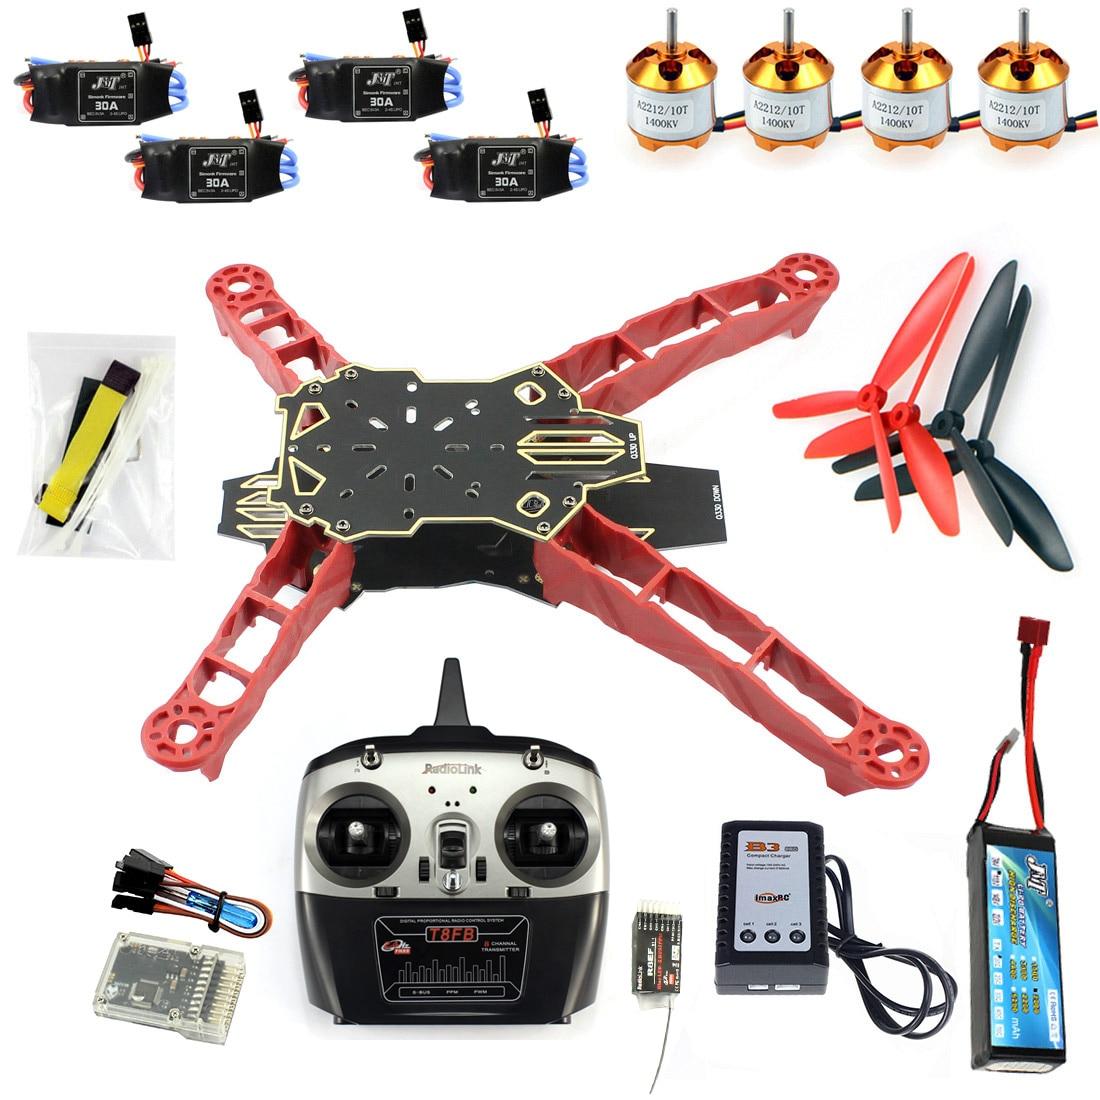 Kit complet Q330 cadre RadioLink T8FB transmetteur QQ Super contrôleur moteur ESC pour bricolage RC DroneRacer avion F11797-I